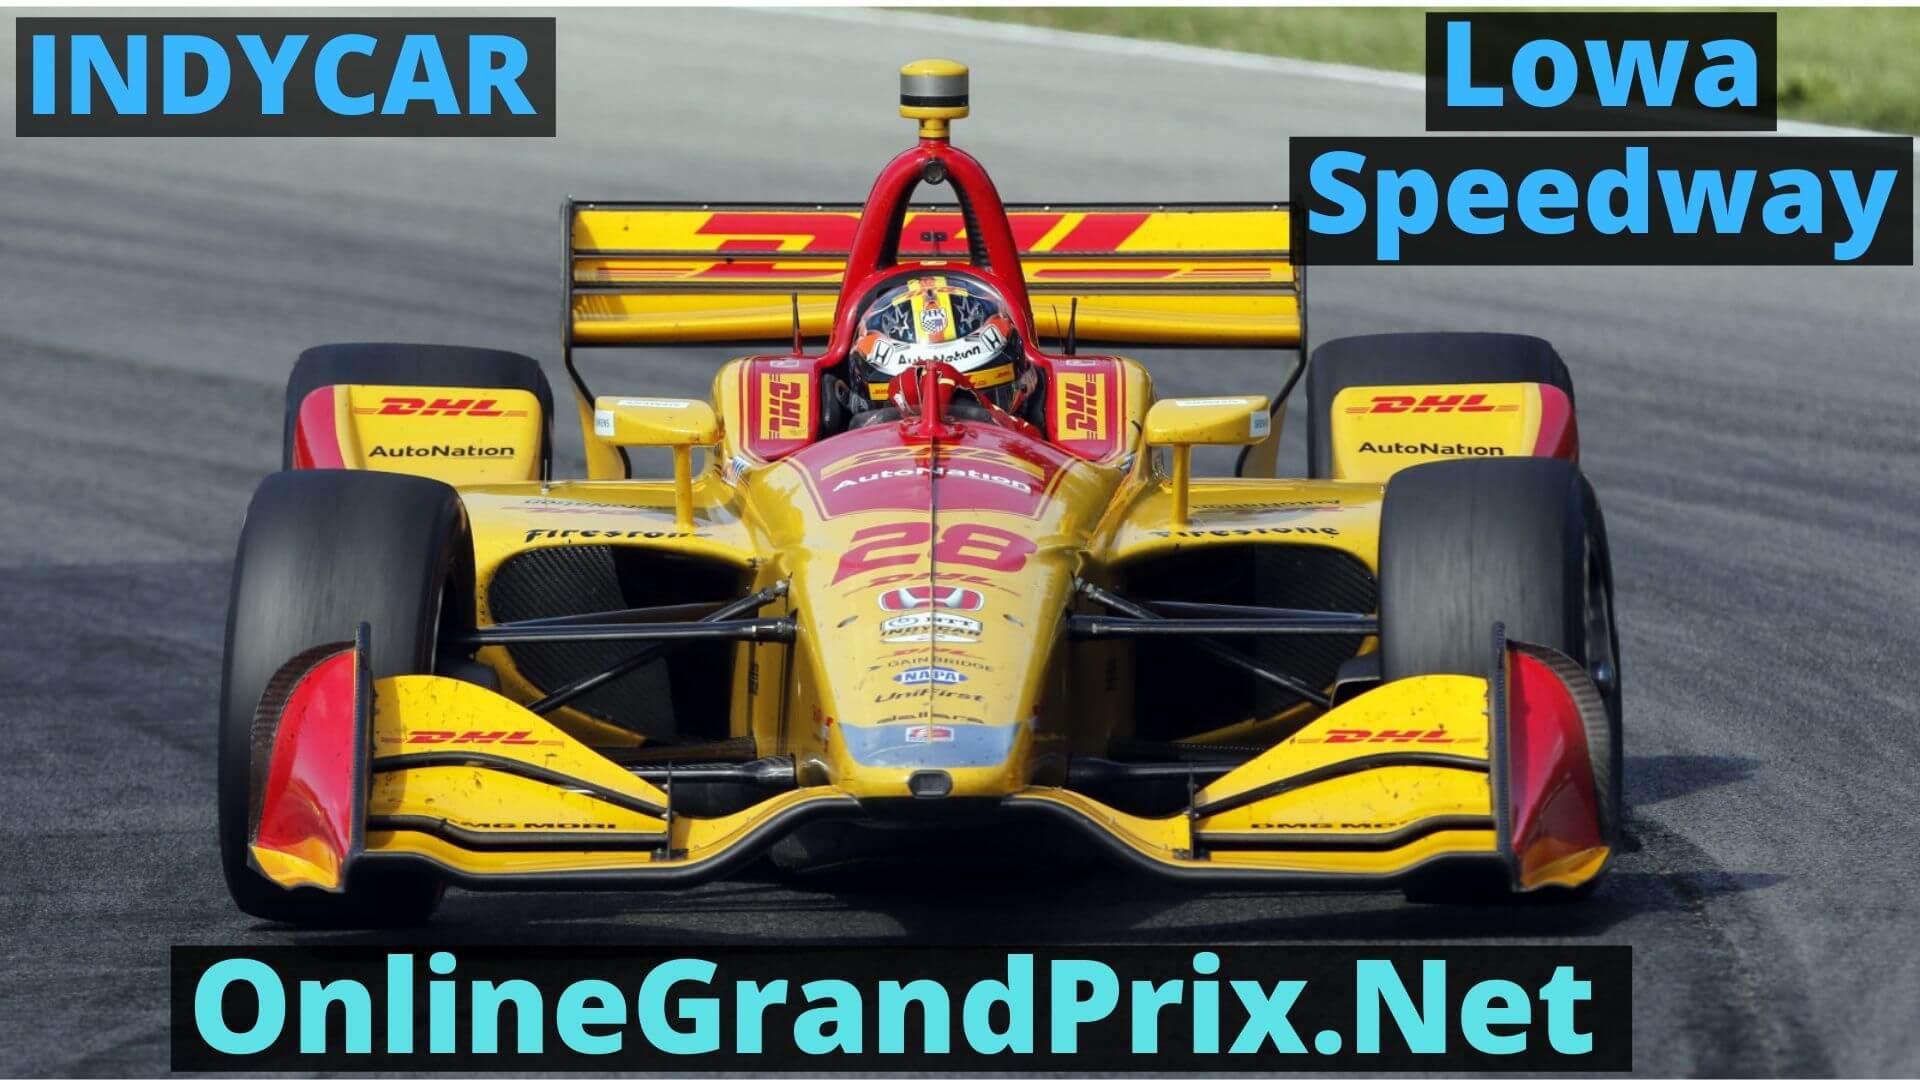 Iowa 300 Live Stream 2020 | Indycar